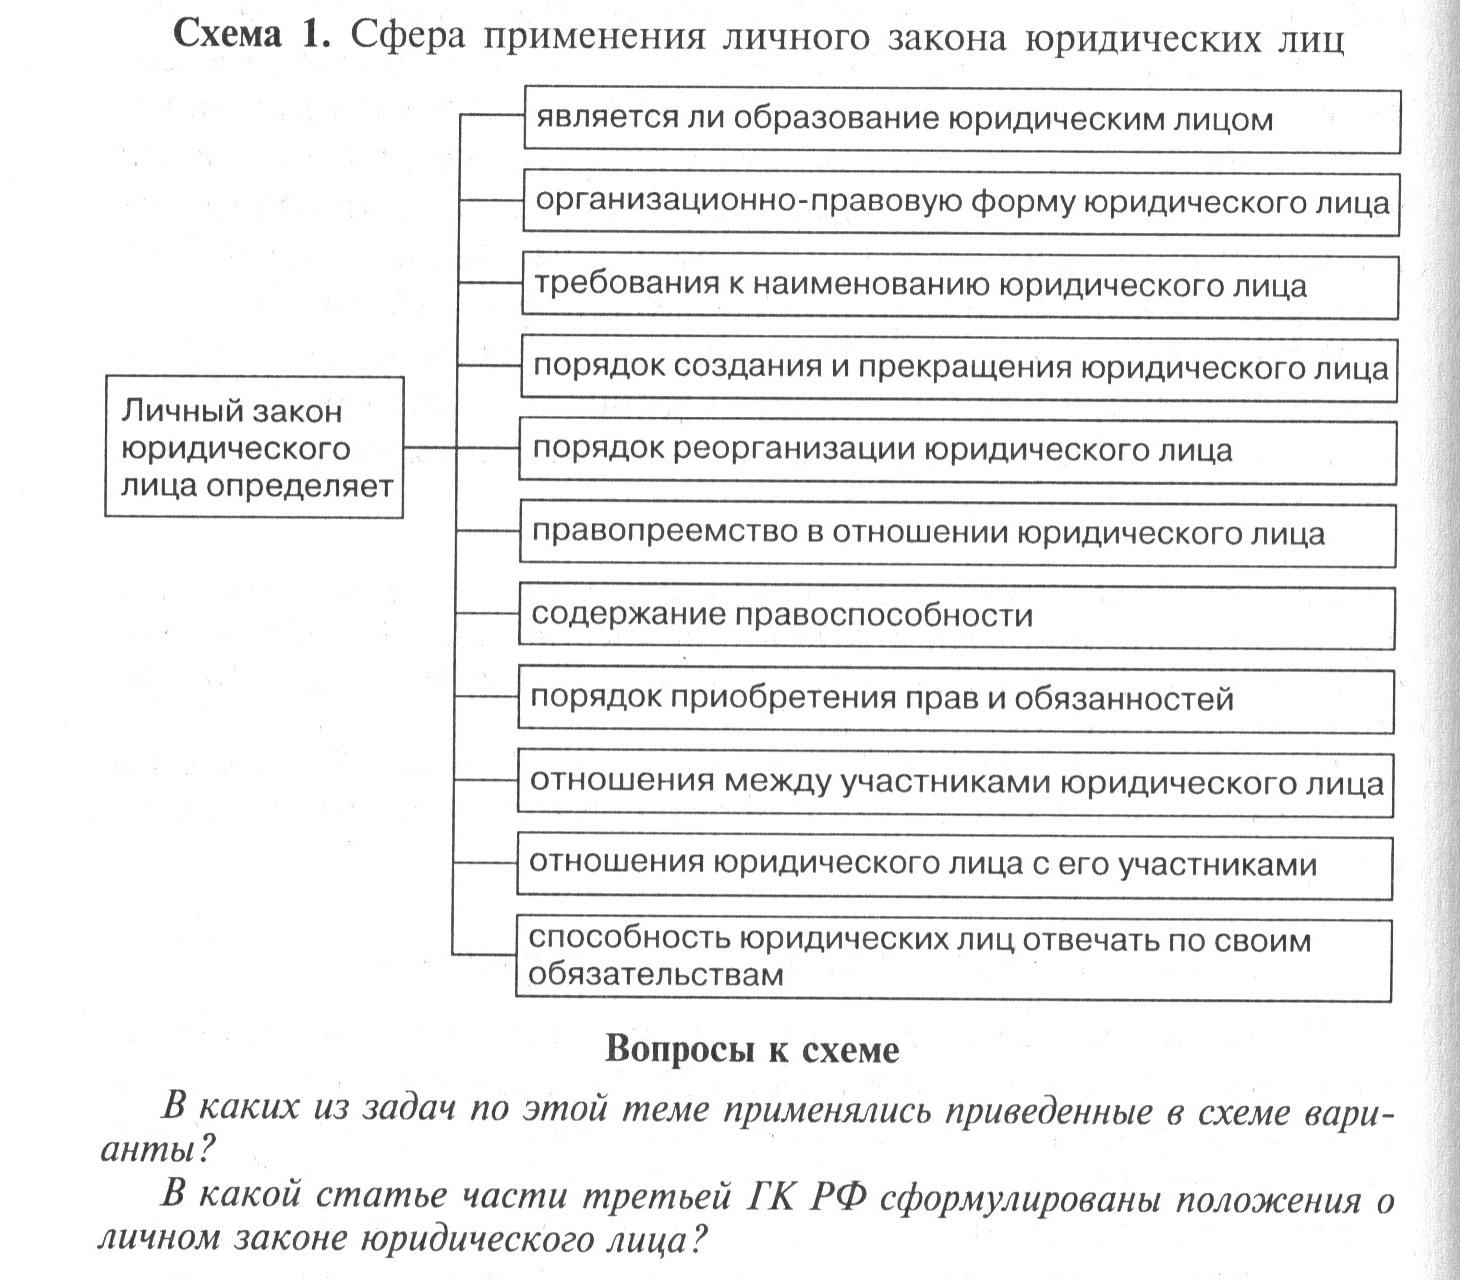 Схема создания юридического лица фото 329